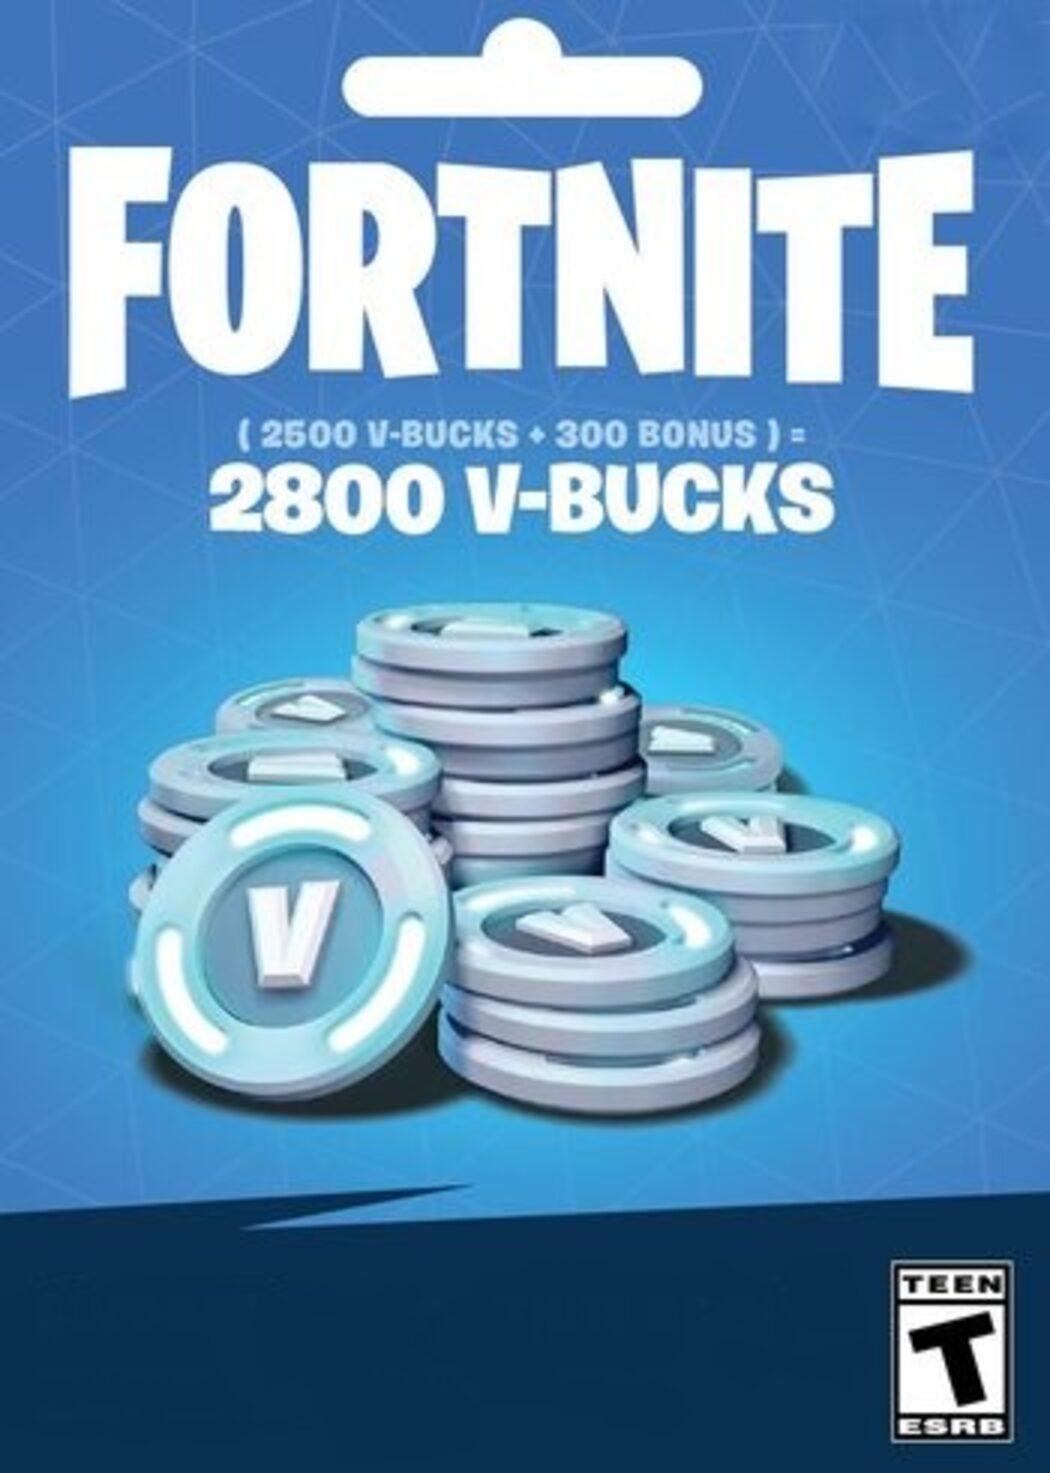 Fortnite Gift Battle Pass Using V Bucks Buy Fortnite 2800 V Bucks Gift Card Key Global Eneba